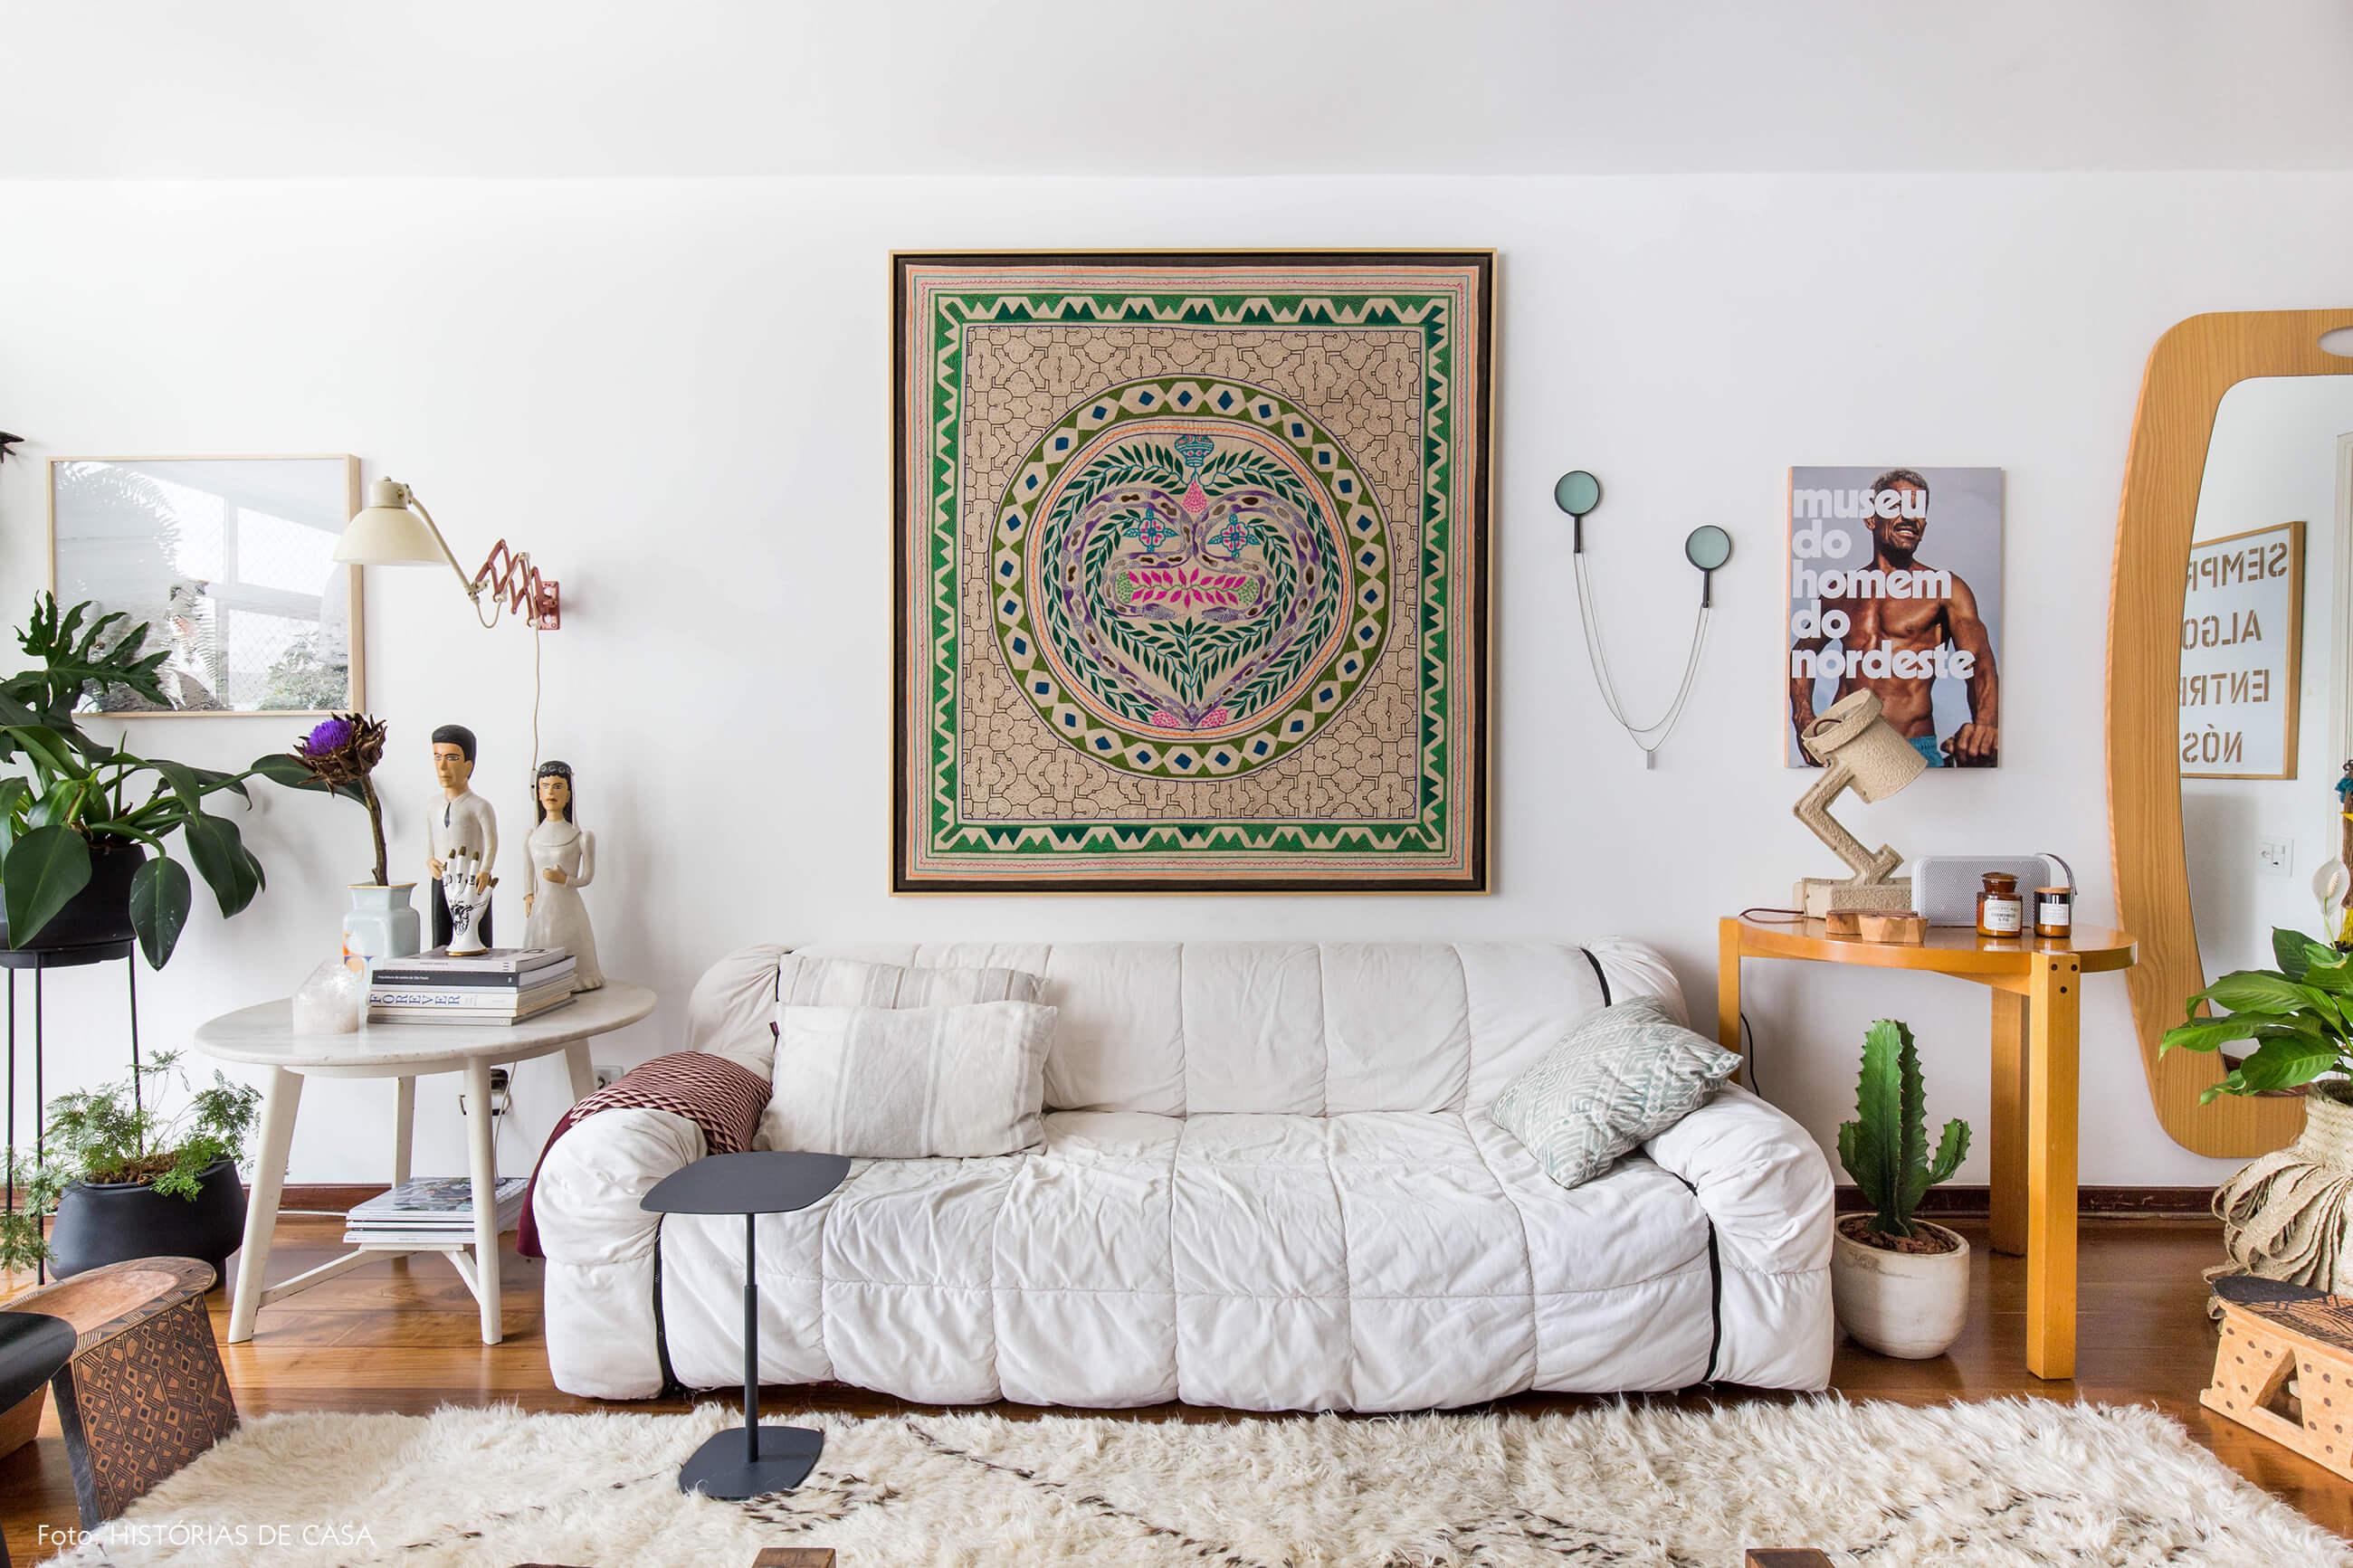 Sofá branco Strips e arte peruana feita à mão na parede